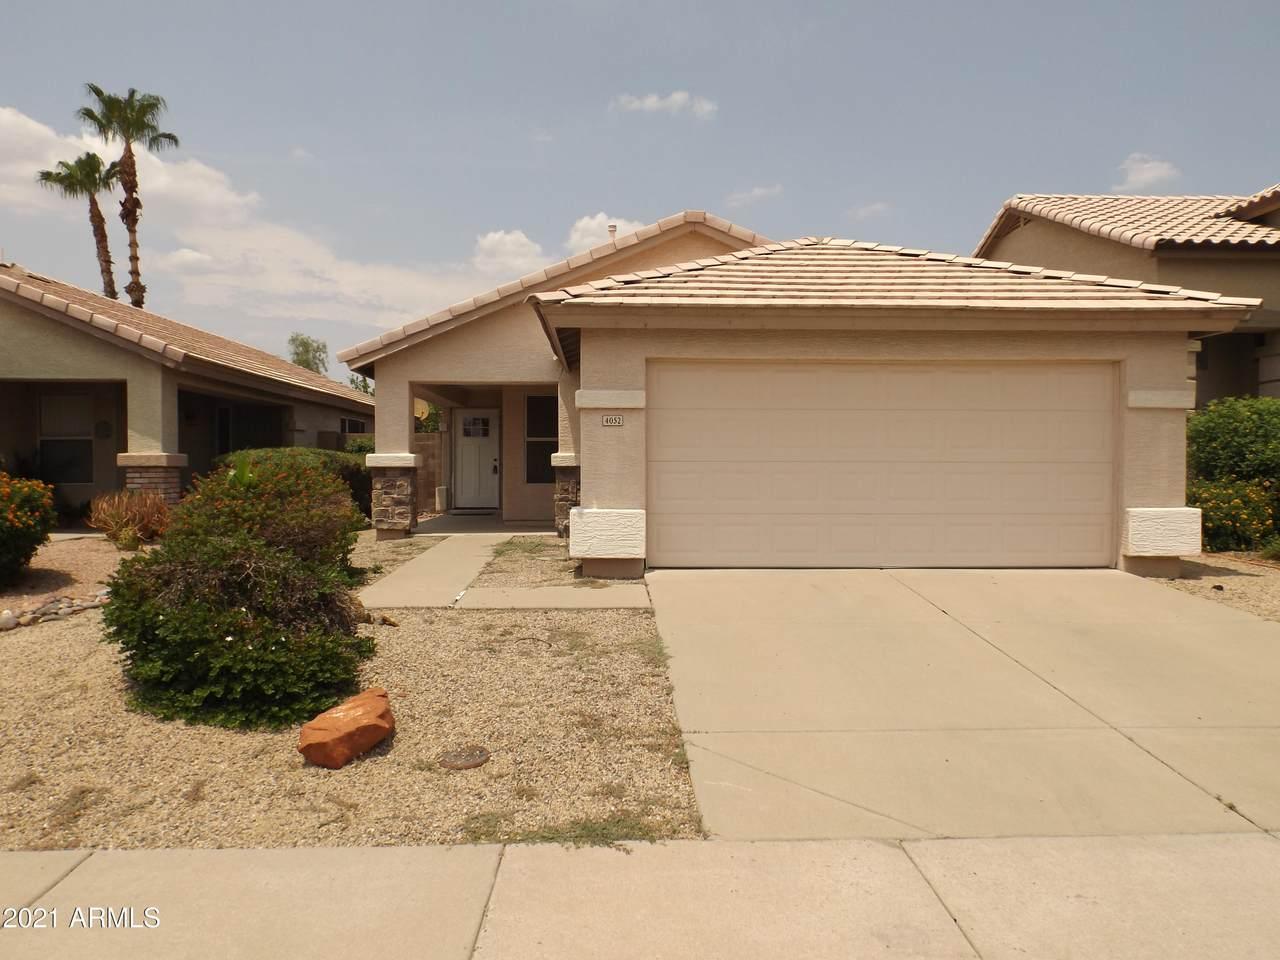 4052 Meadow Drive - Photo 1